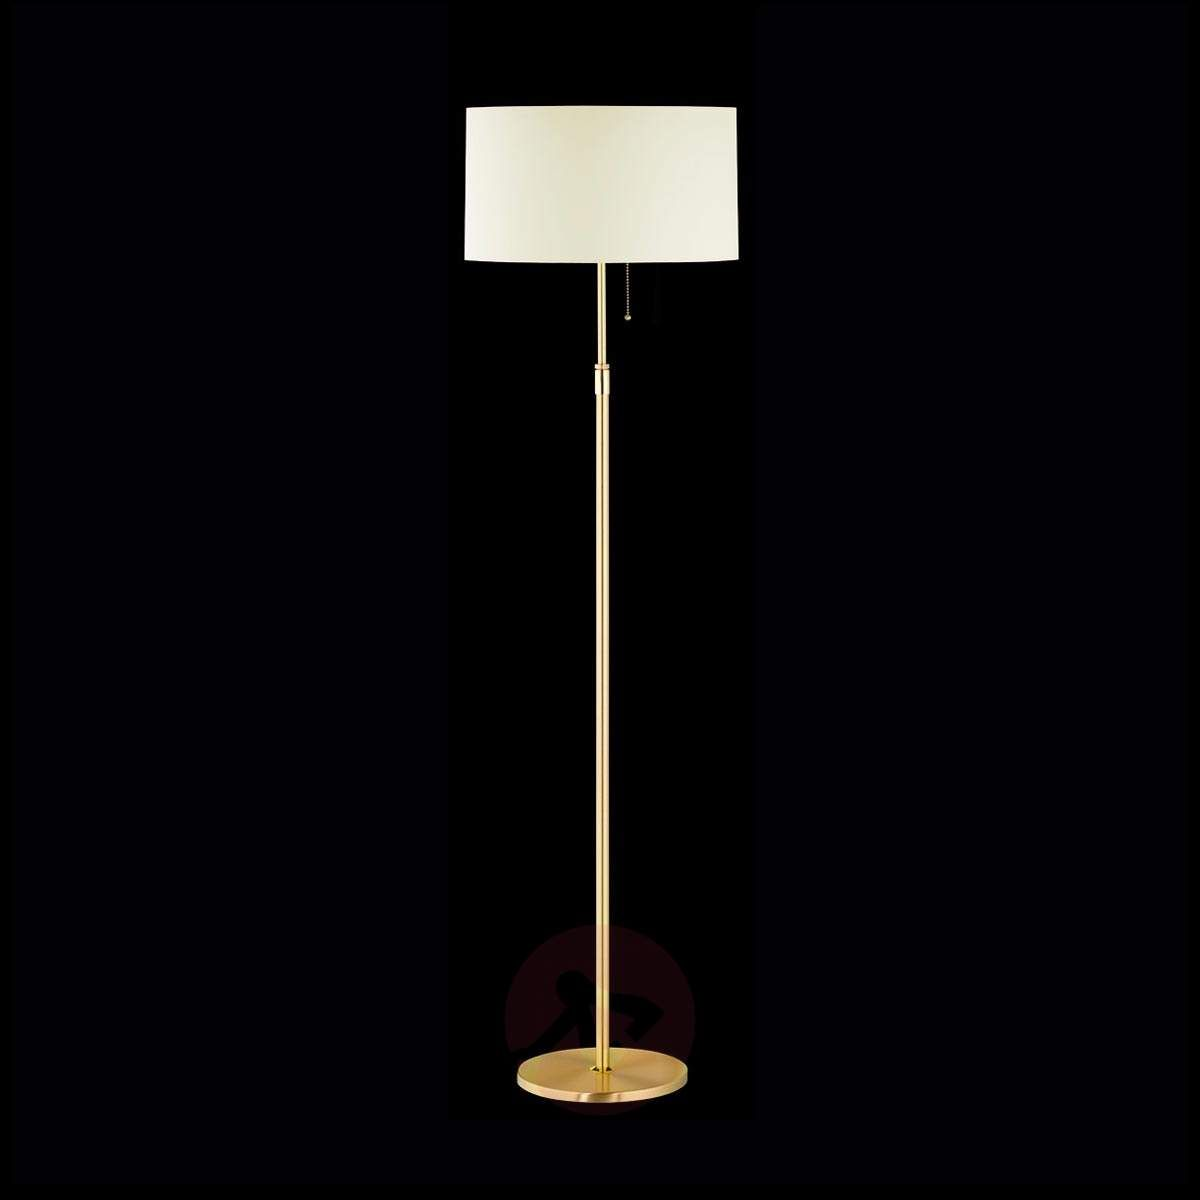 Mosiężna Lampa Stojąca Loop Lampy Stojące W 2019 Lampy